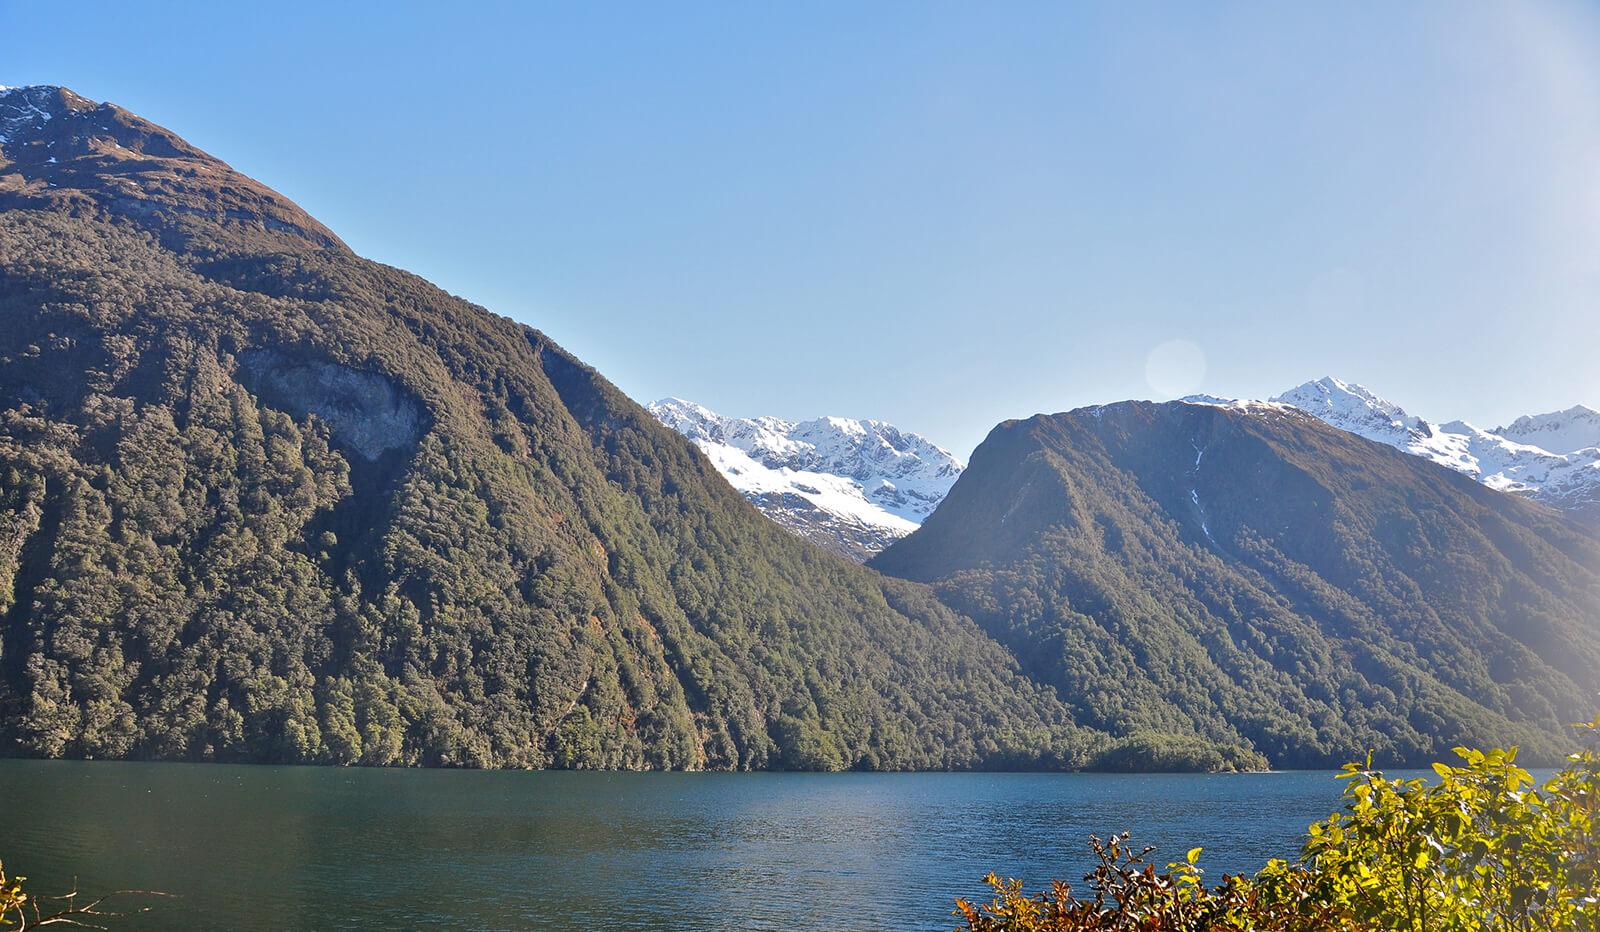 Milford Sound in Te Anau, New Zealand